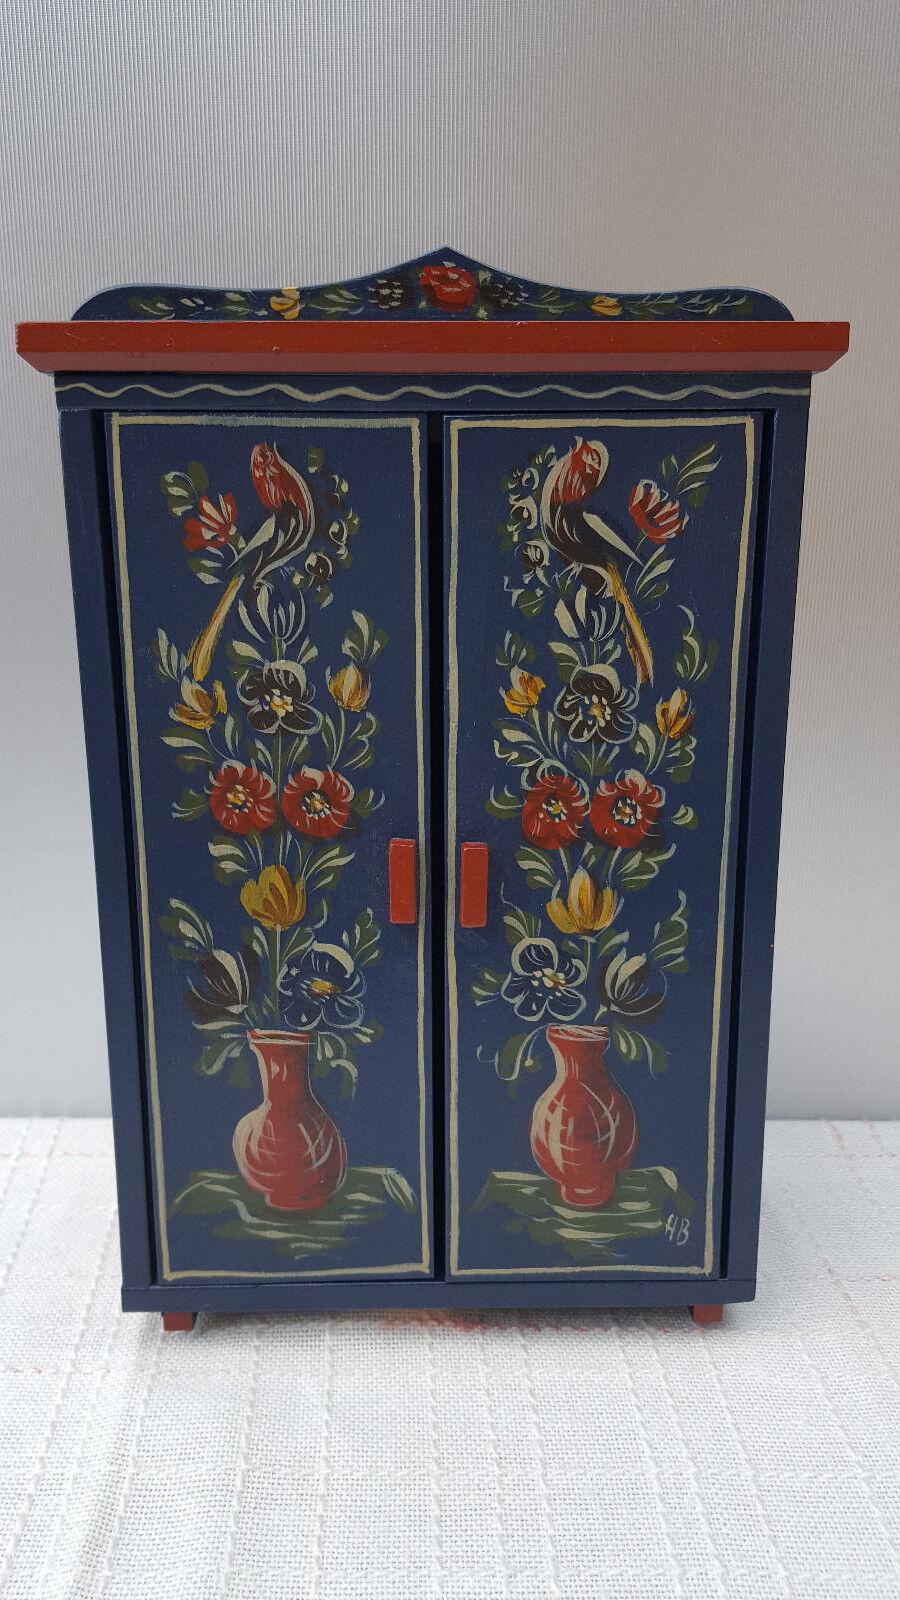 Puppenstube Puppenstube Puppenstube Puppenhaus Puppenmöbel Küchenmöbel Bauernmöbel Bauernmalerei Handbe 52e418